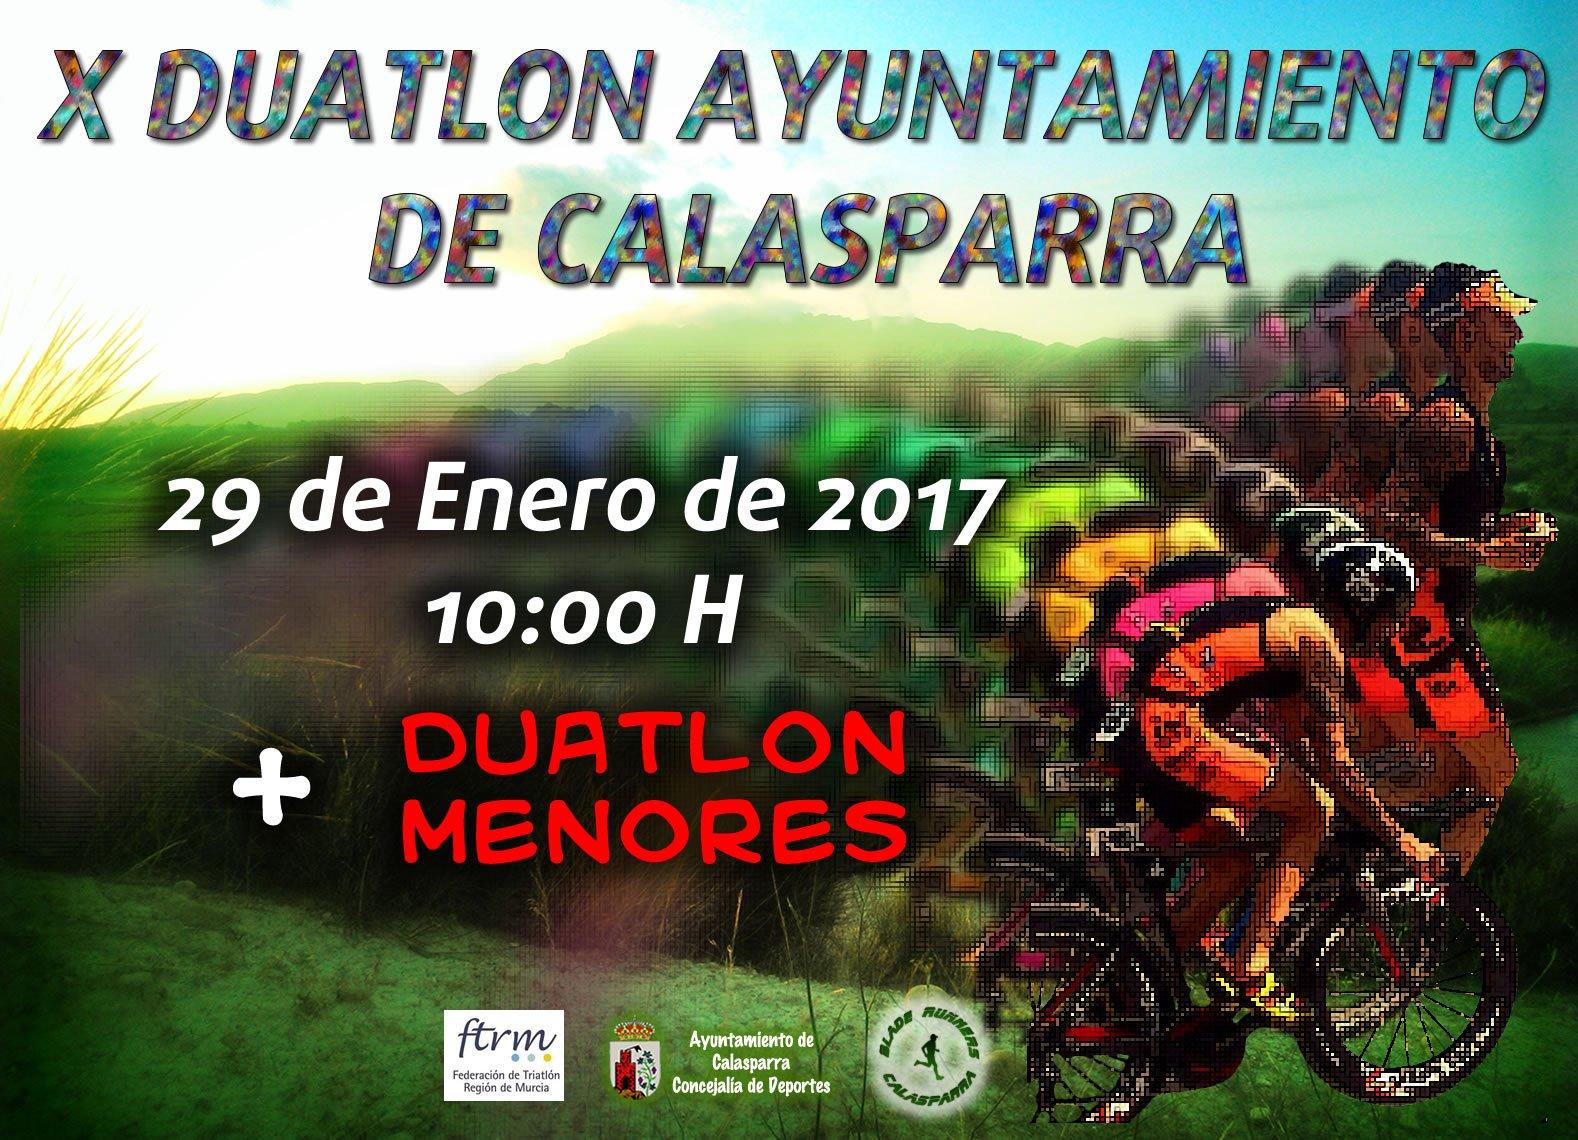 X Duatlón Ayuntamiento De Calasparra